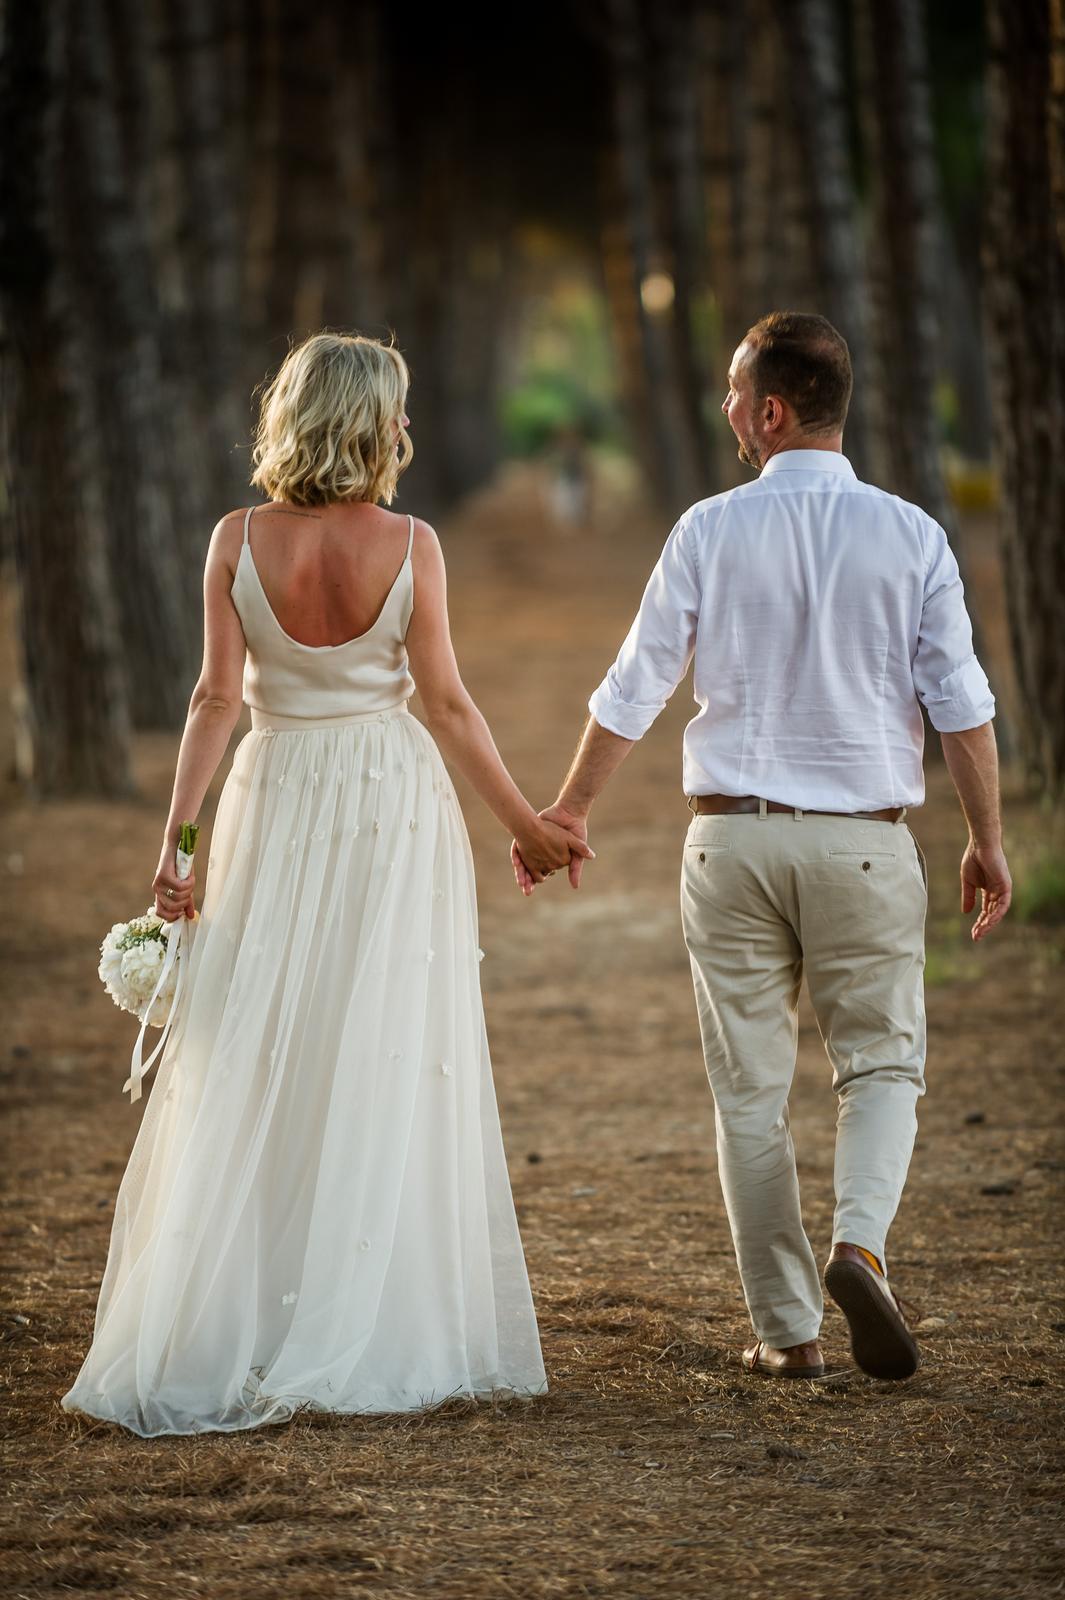 Svatby roku 2019 - Obrázek č. 13